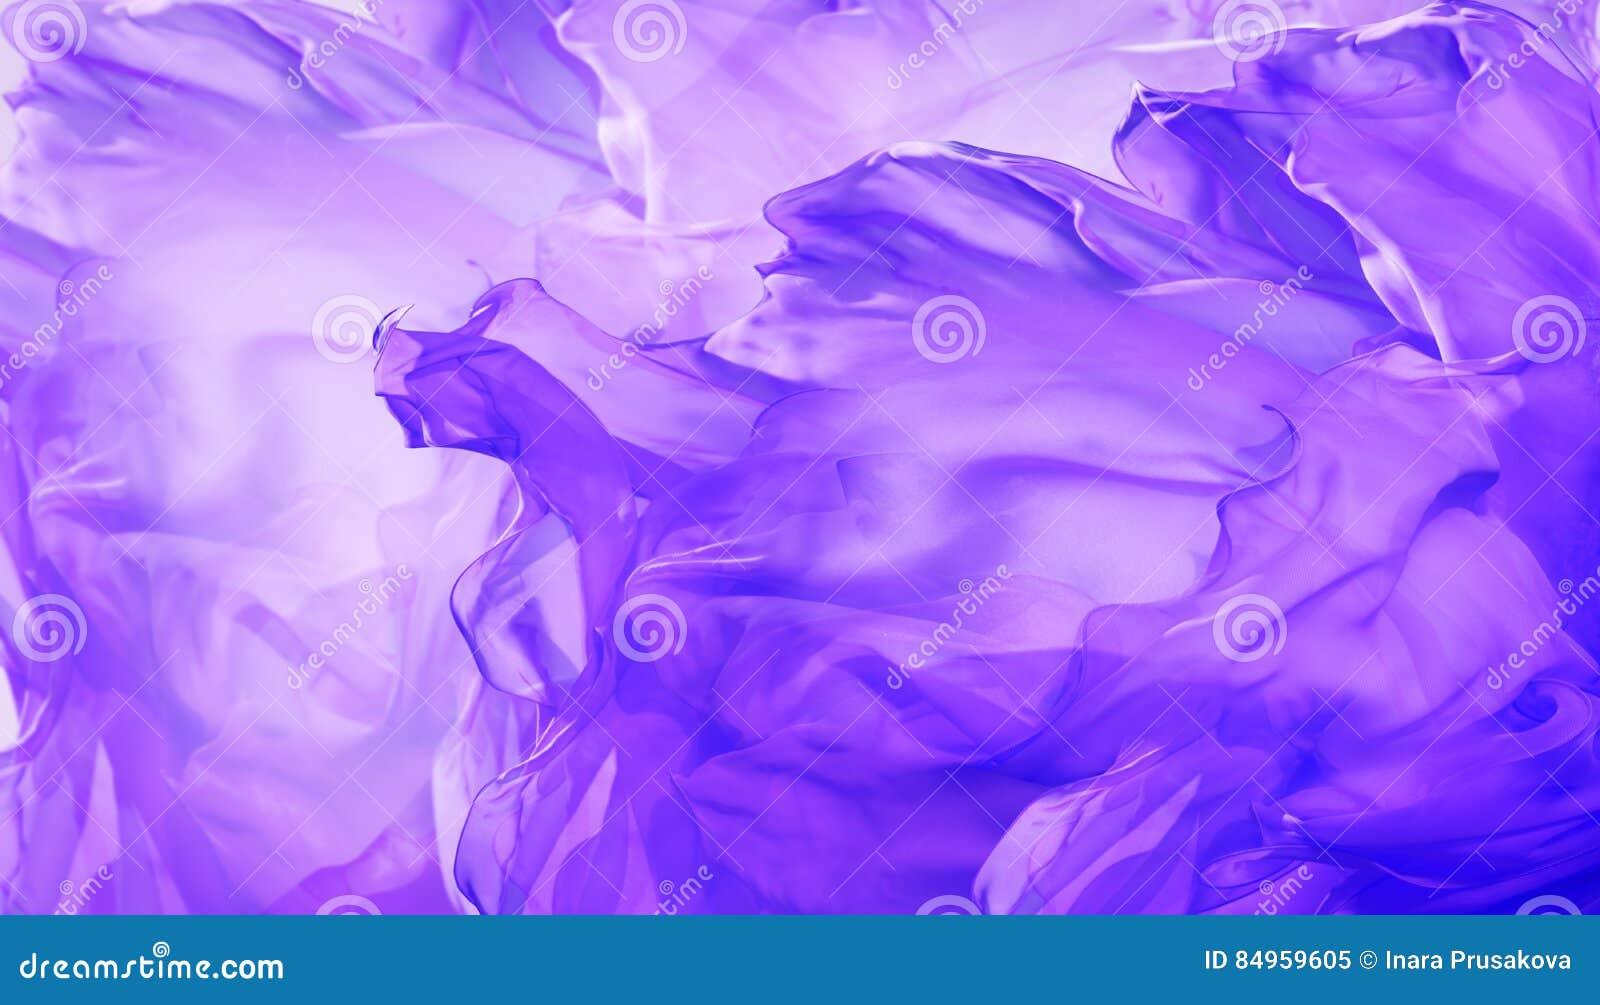 Fondo de la tela de seda, extracto que agita el paño púrpura del vuelo